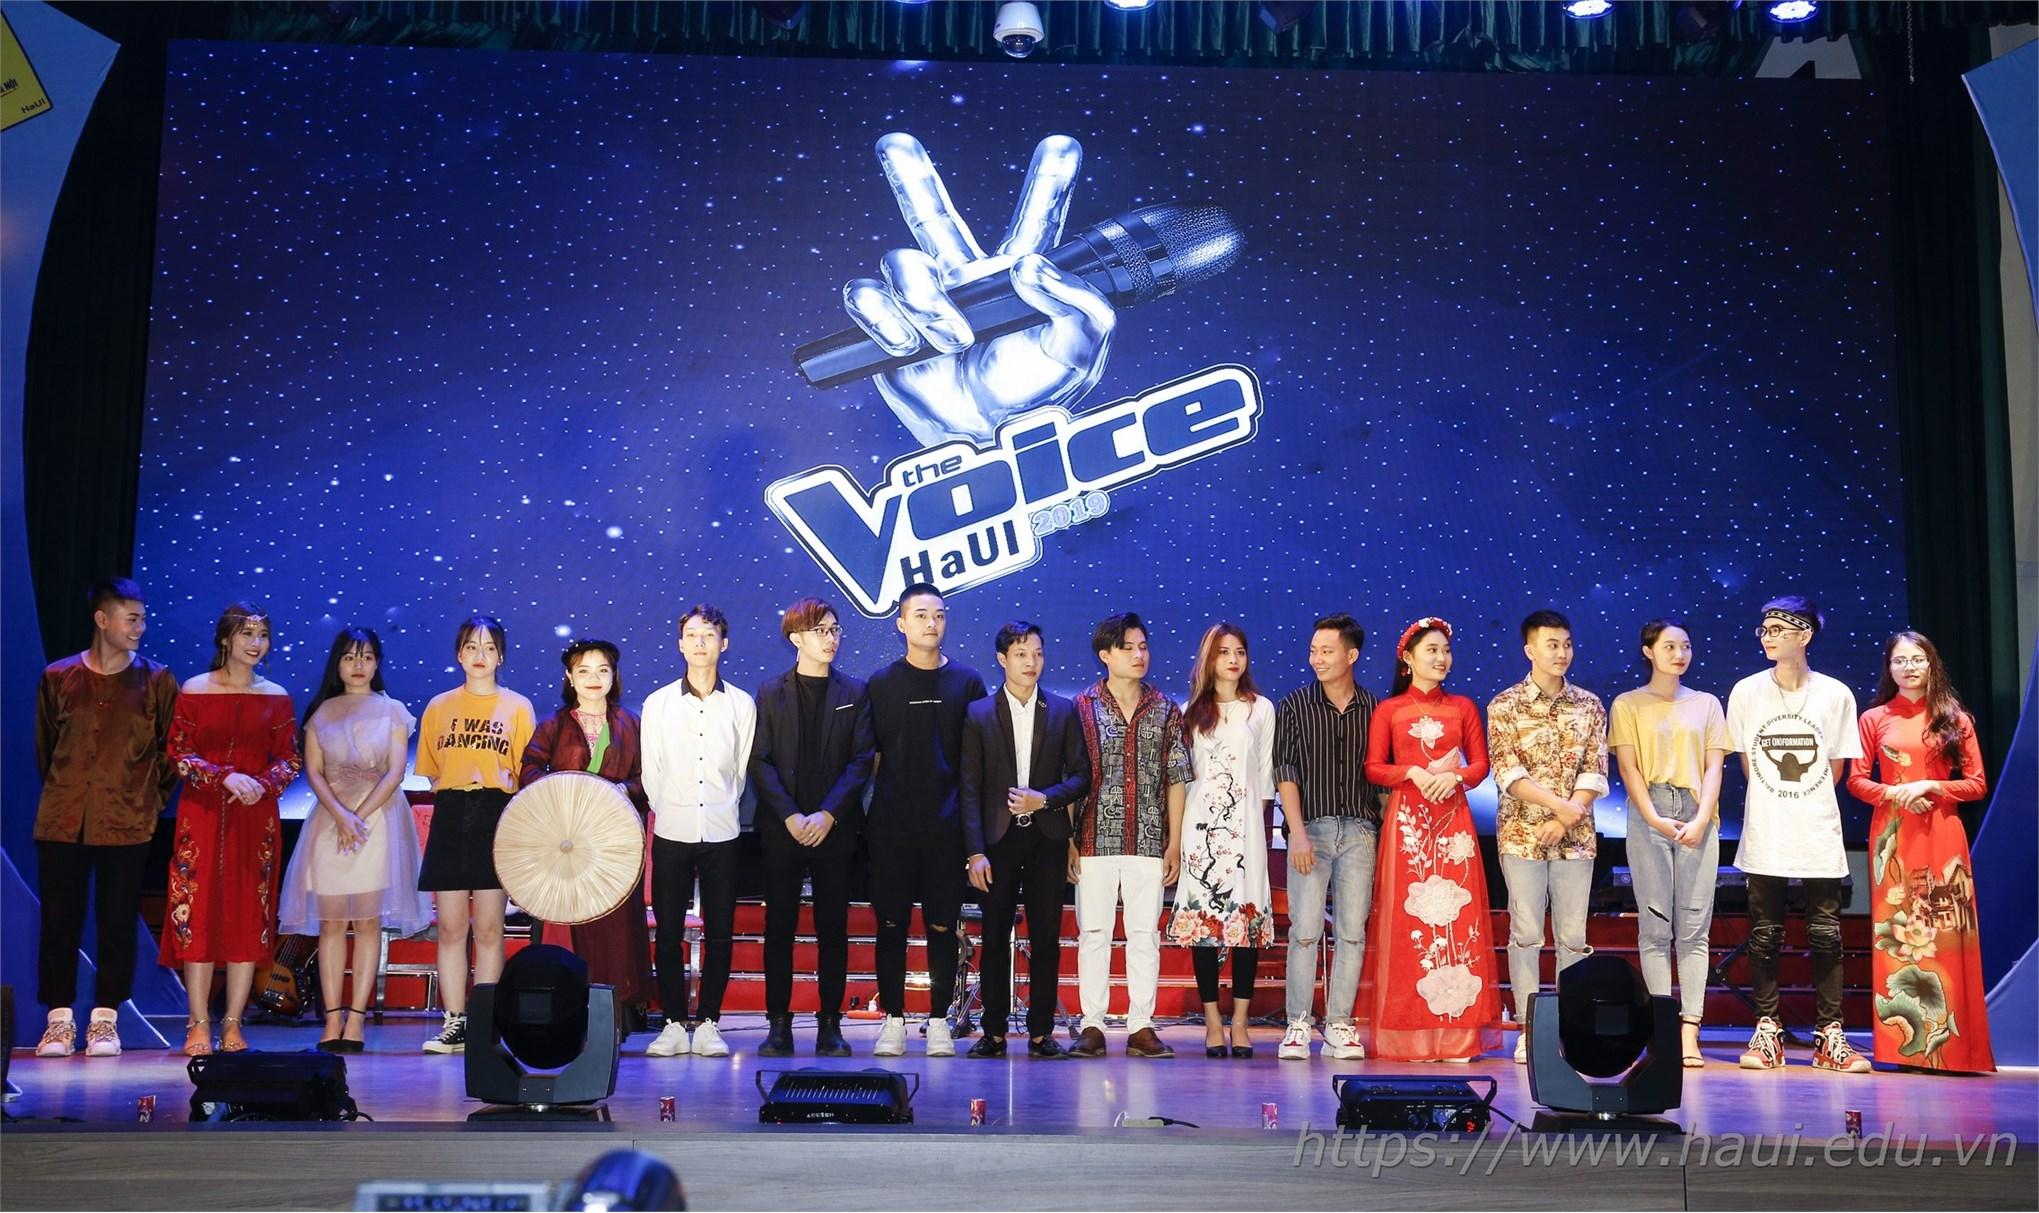 17 thí sinh tham gia góp mặt đêm chung kết Giọng hát hay sinh viên HaUI 2019